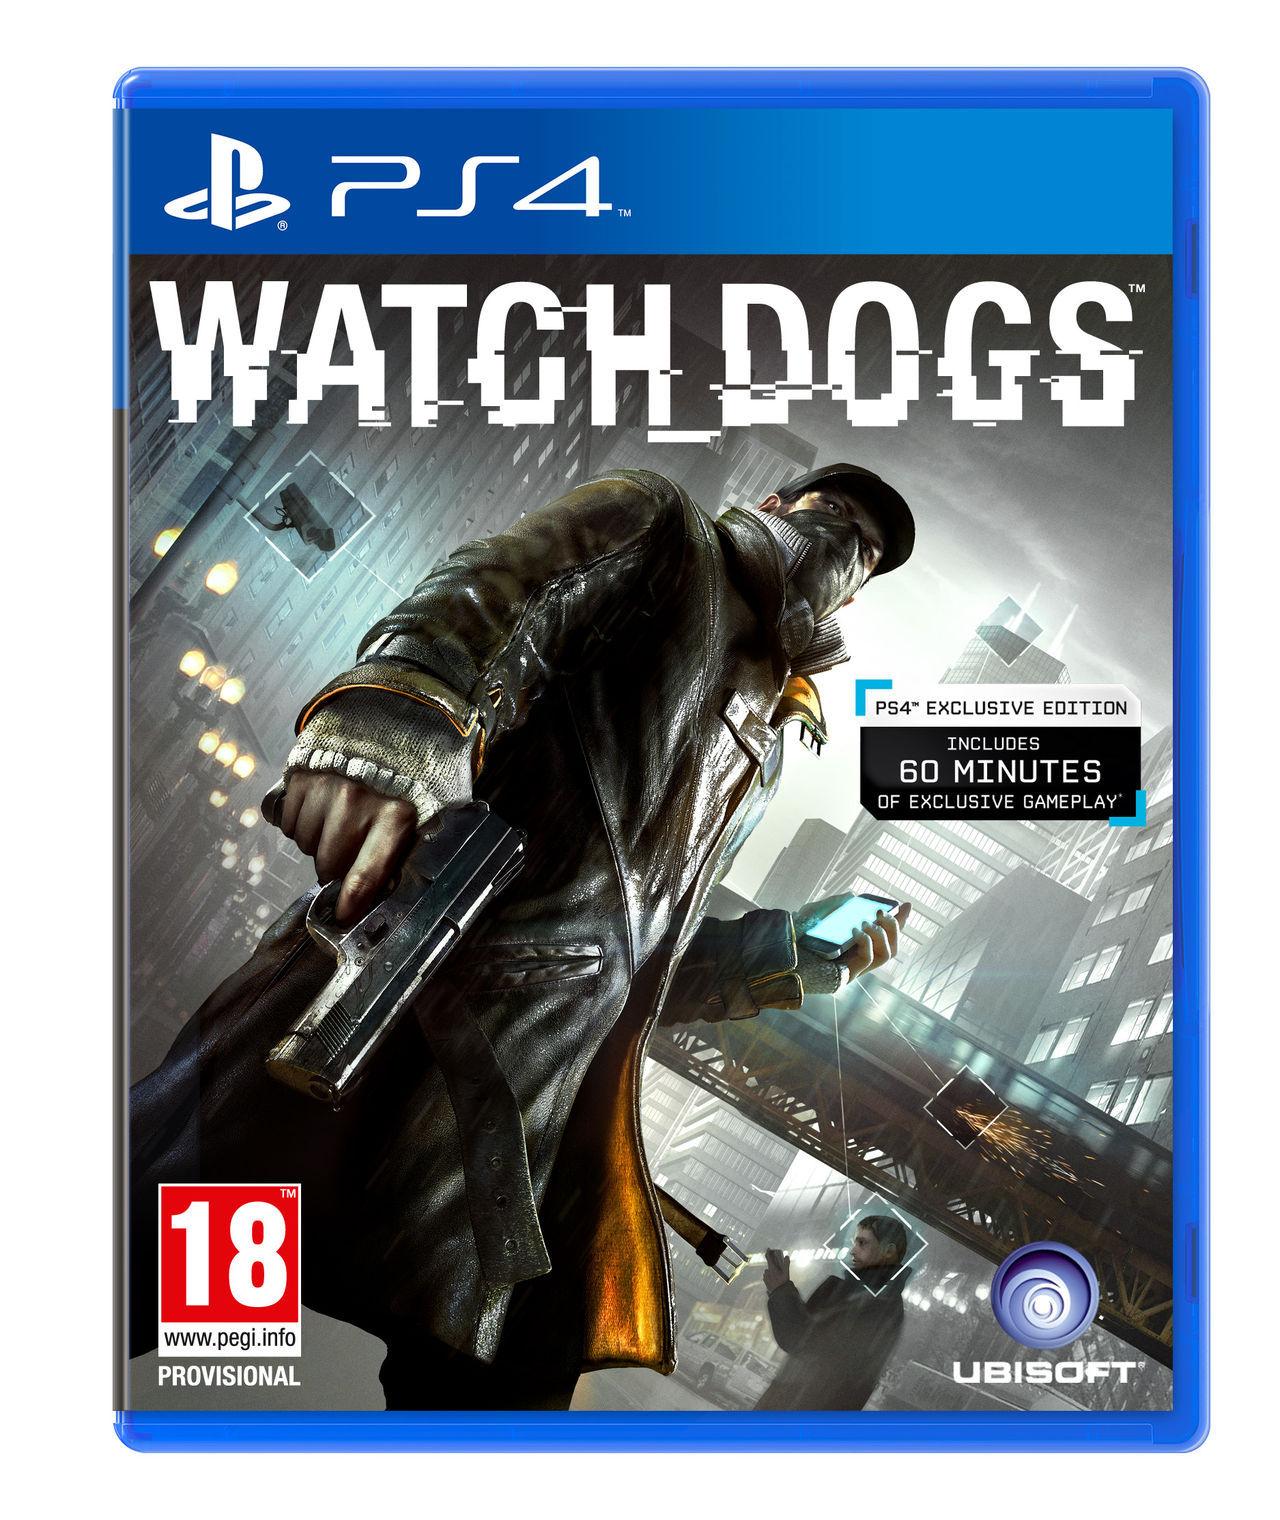 Watch Dogs Toda La Informacion Ps4 Ps3 Pc Xbox 360 Wii U